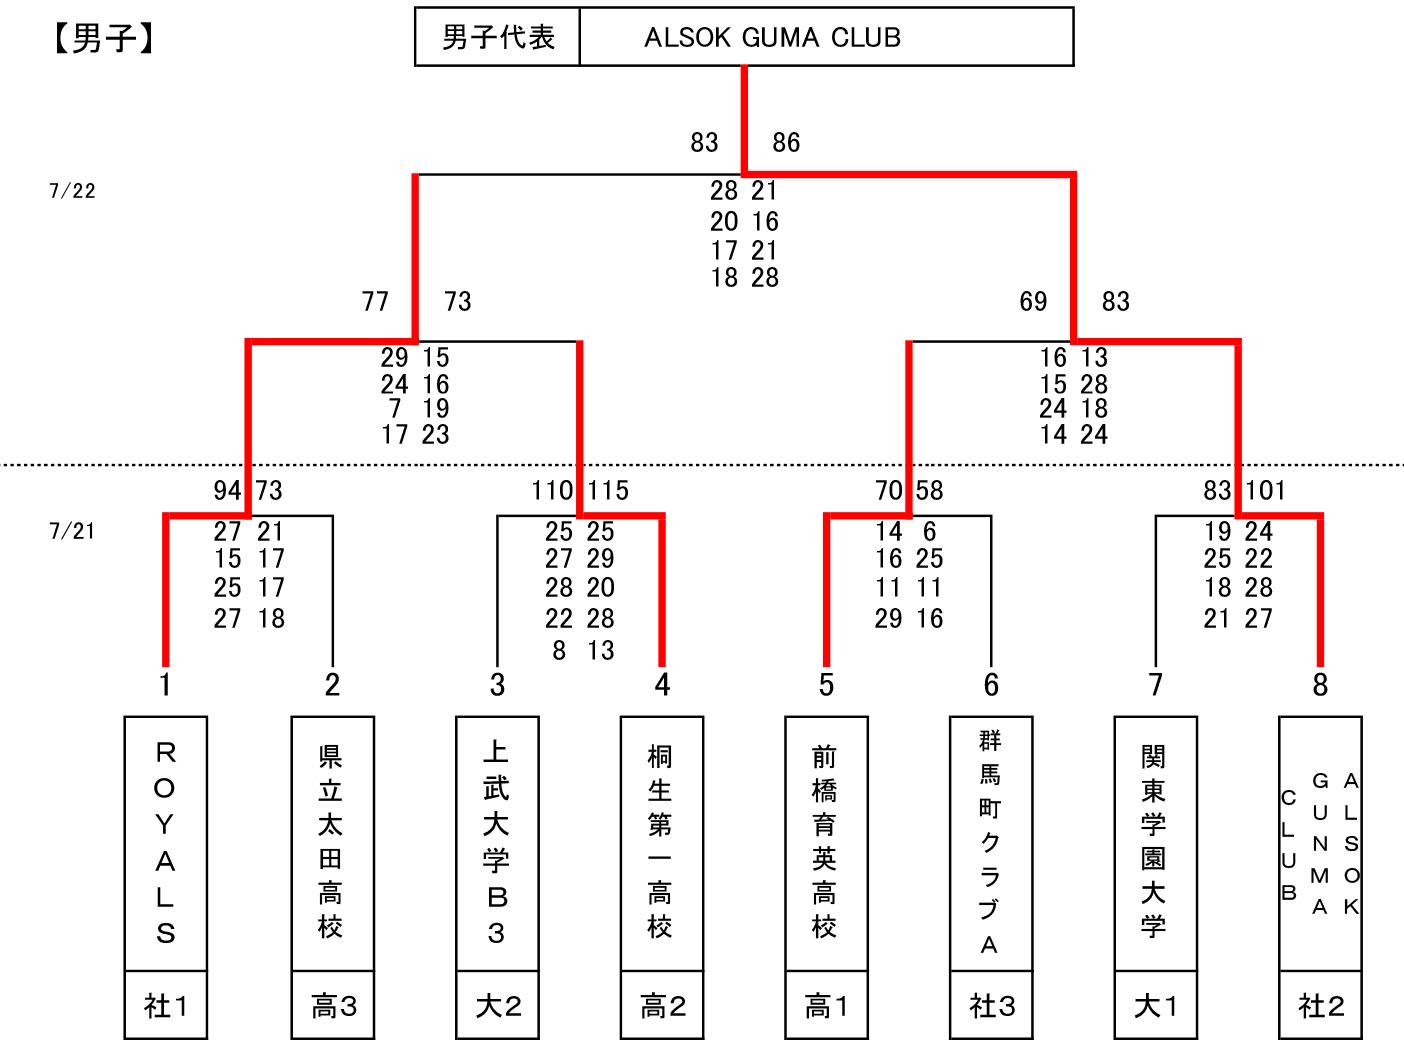 第94回 天皇杯 全日本バスケットボール選手権大会 群馬県代表決定戦 - 大会結果